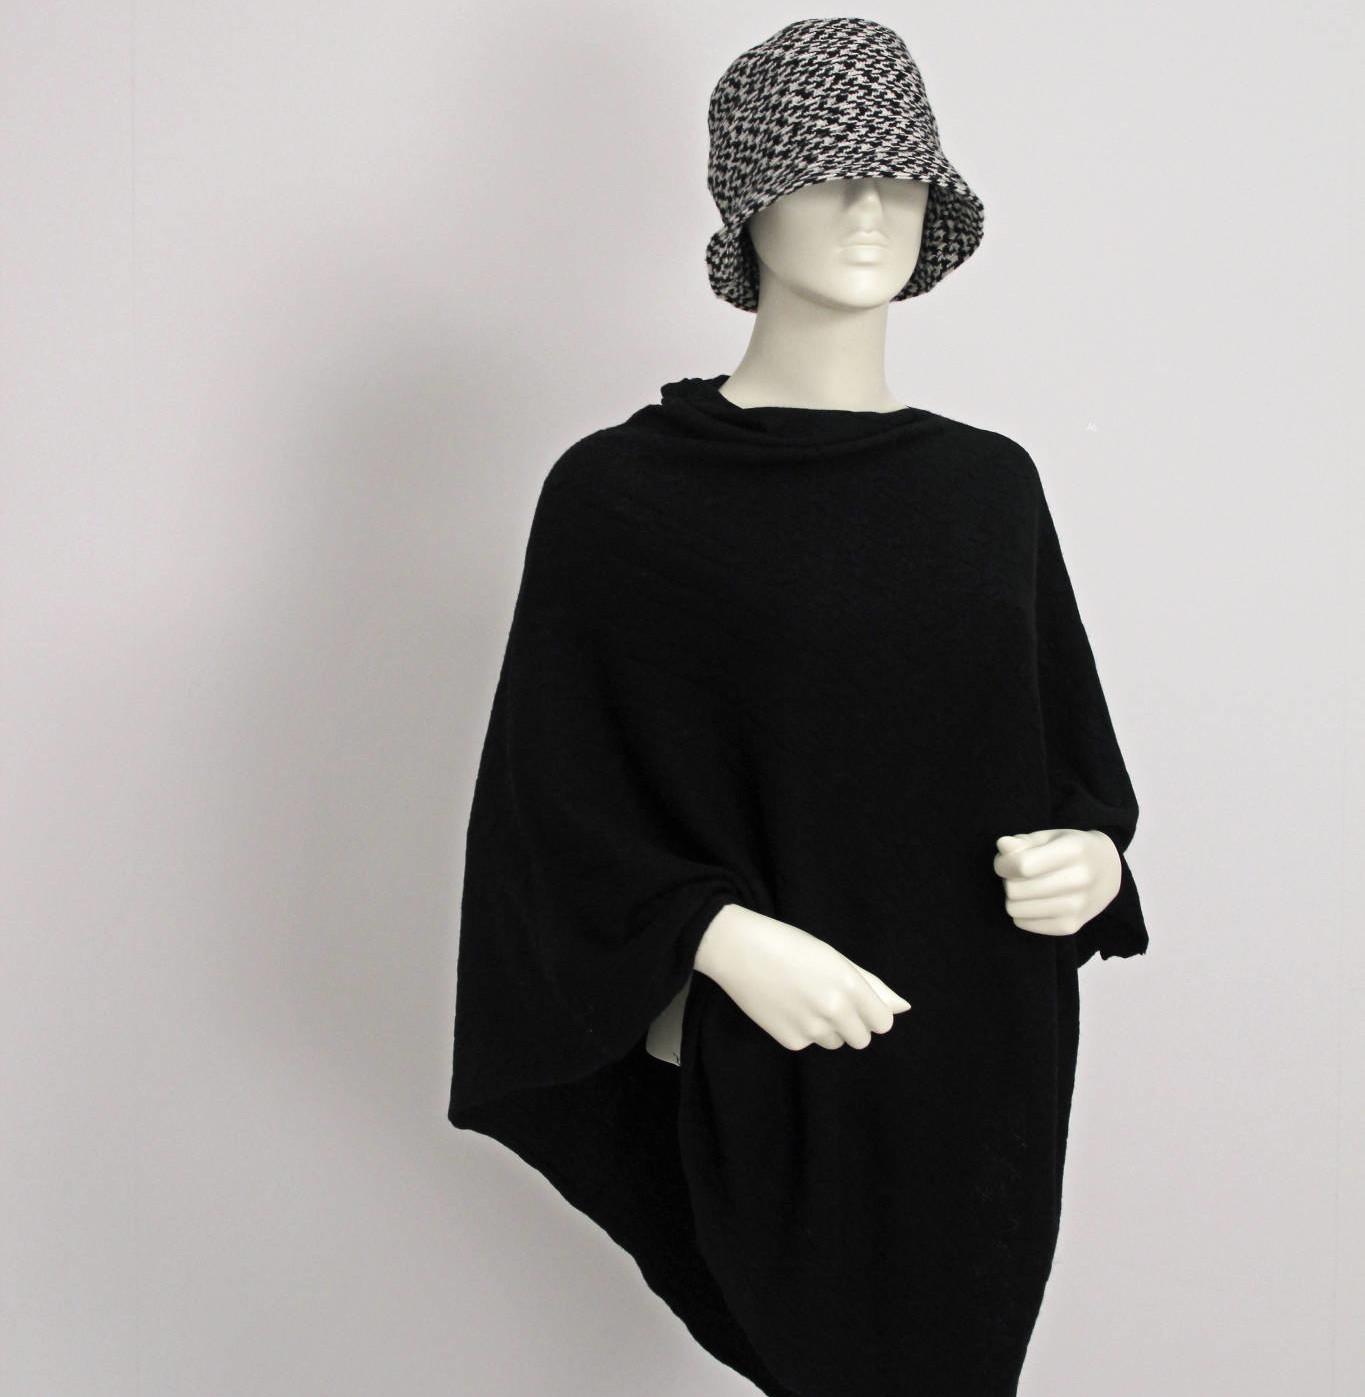 Dametorso med yndefuldt og feminint udtryk som også kan anvendes sammen med mannequin serien af samme design